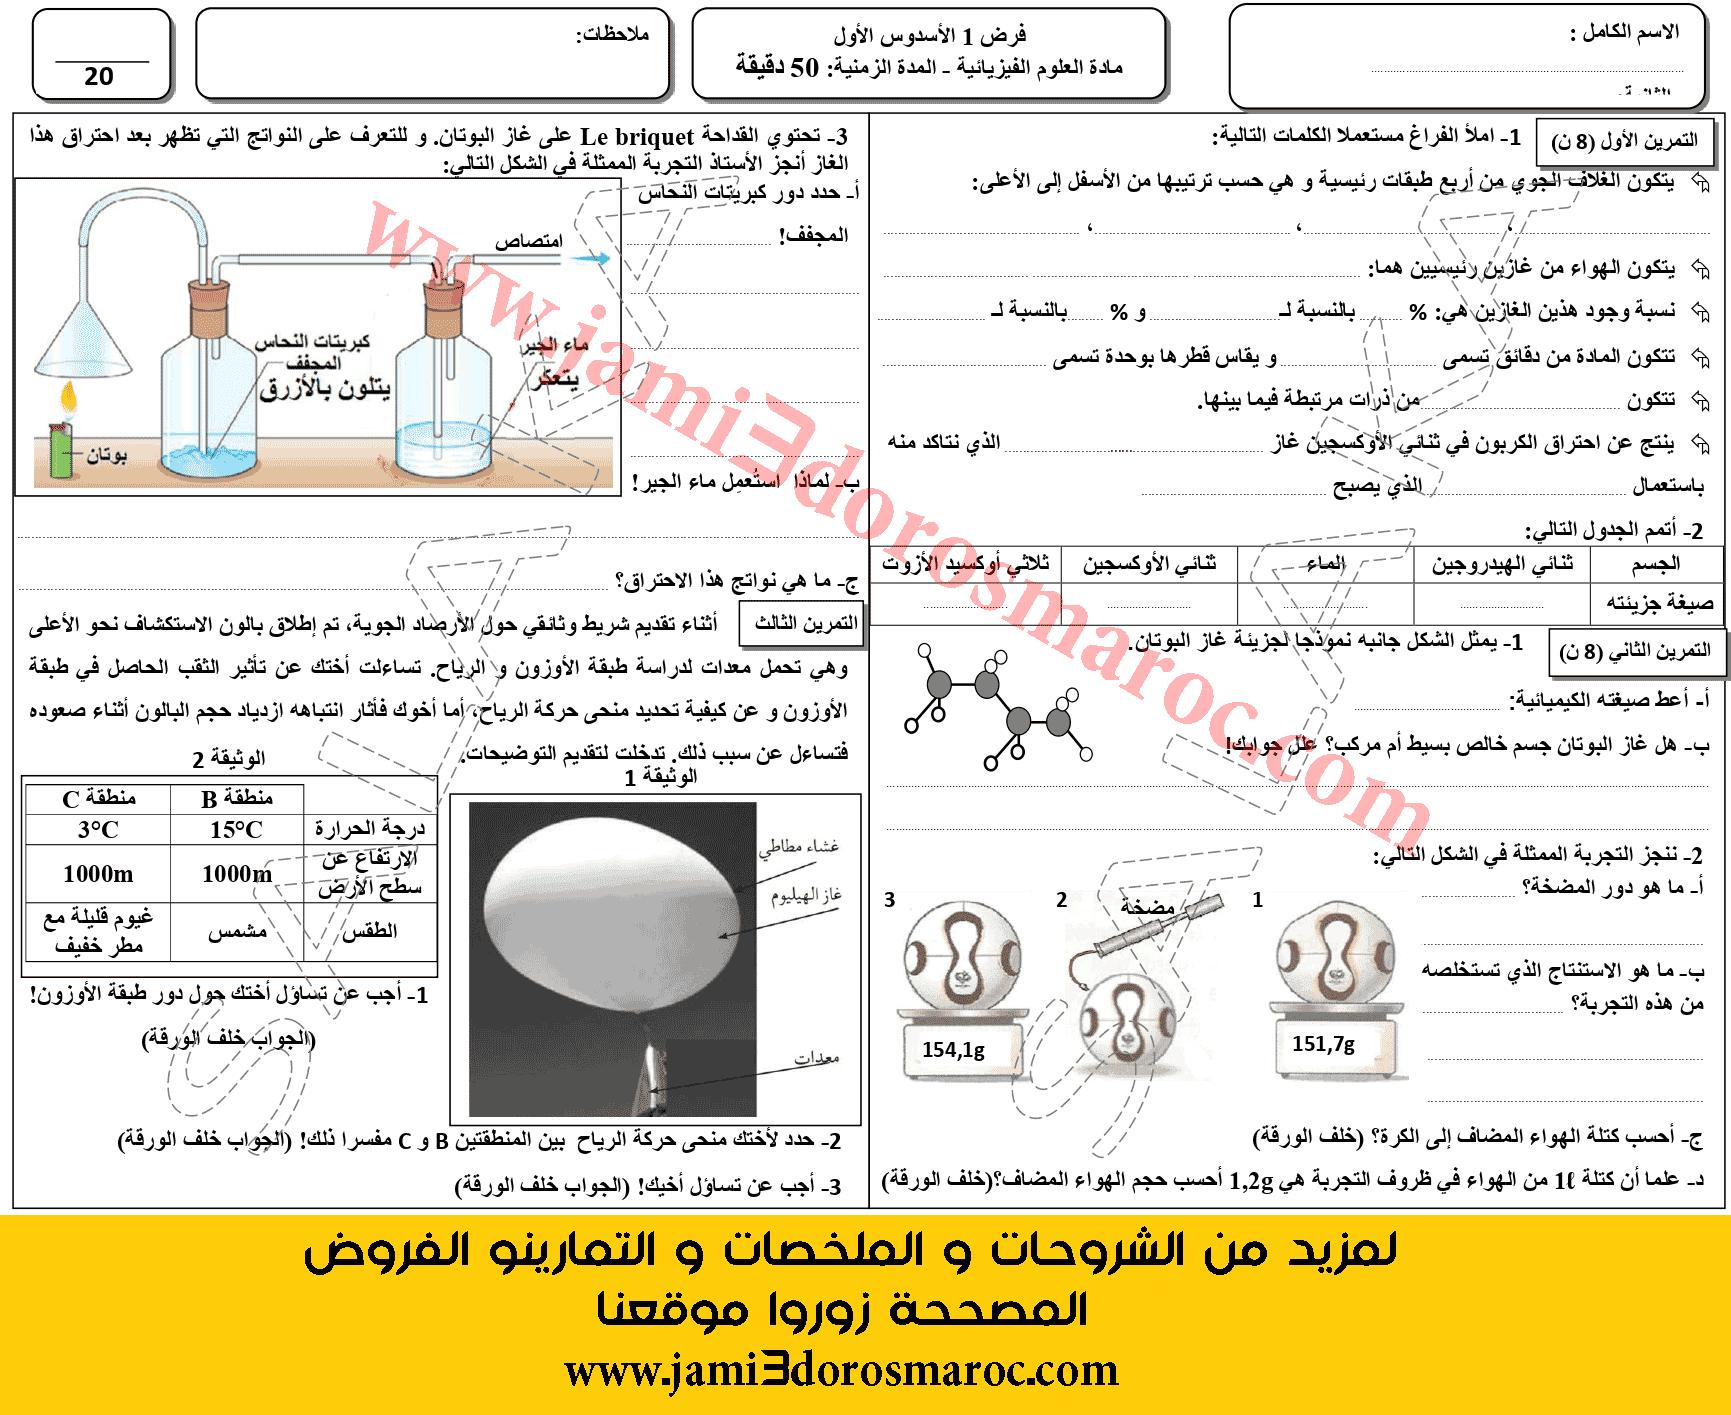 فرض كتابي رقم 1 في العلوم الفيزيائية الأسدس الأول (النموذج7)